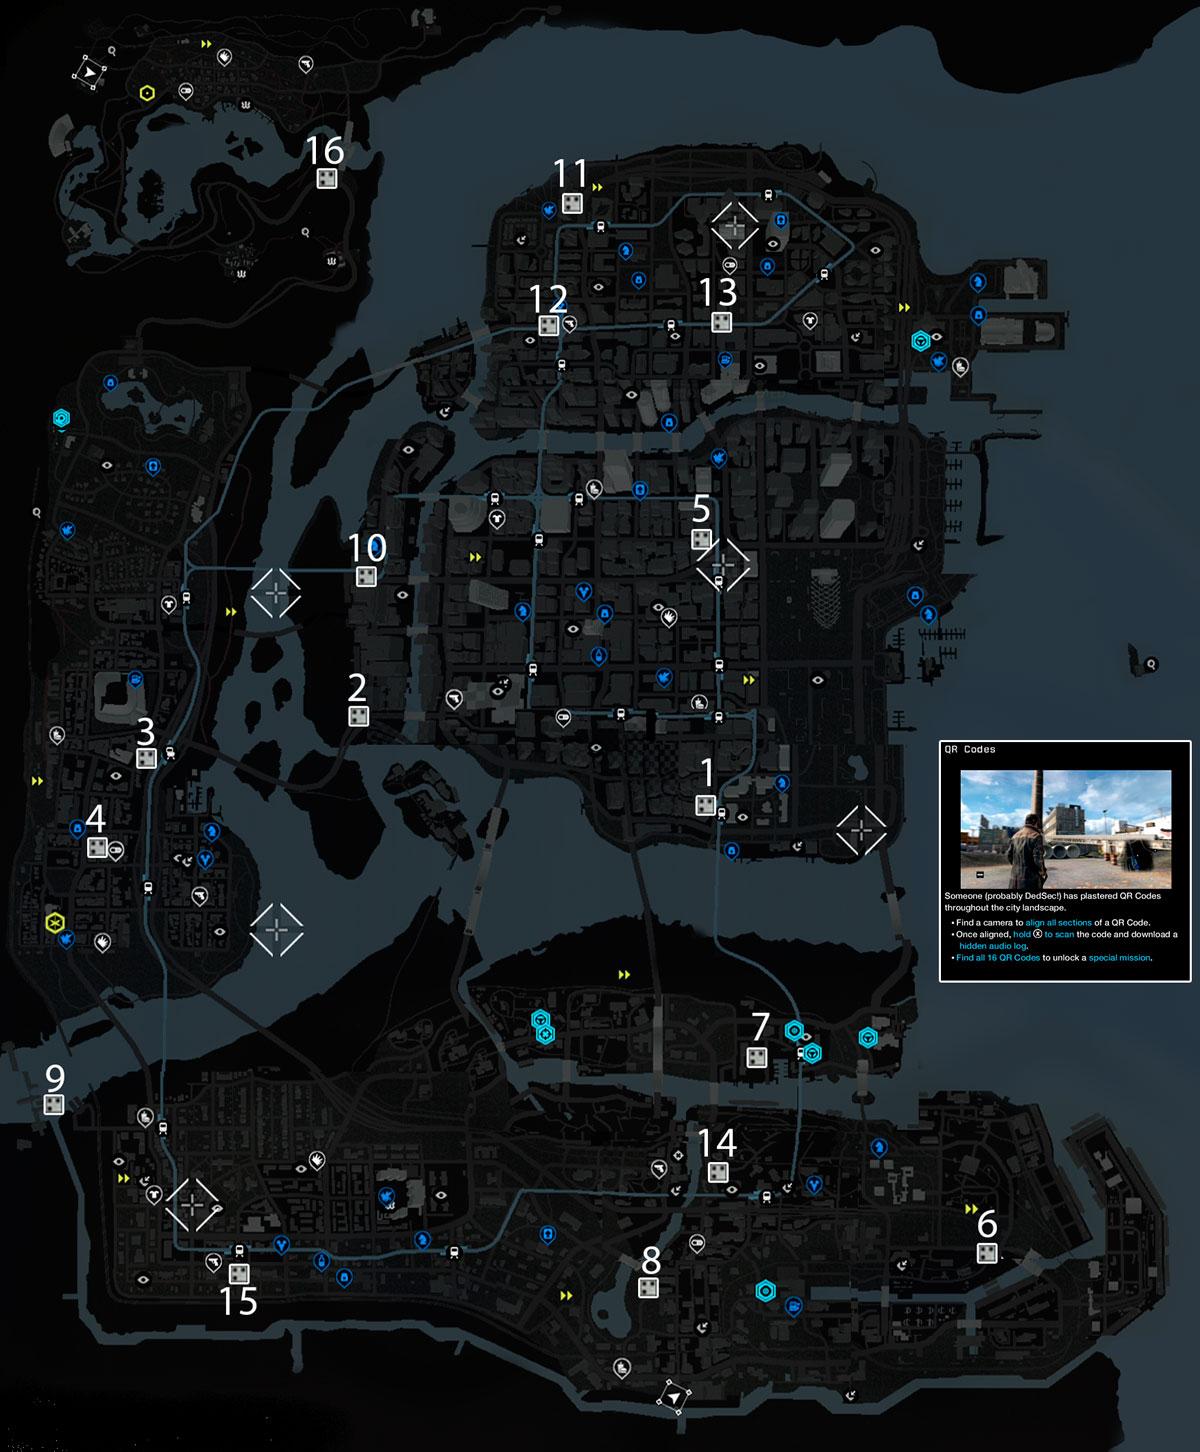 Месторасположение всех QR-кодлв на карте Чикаго